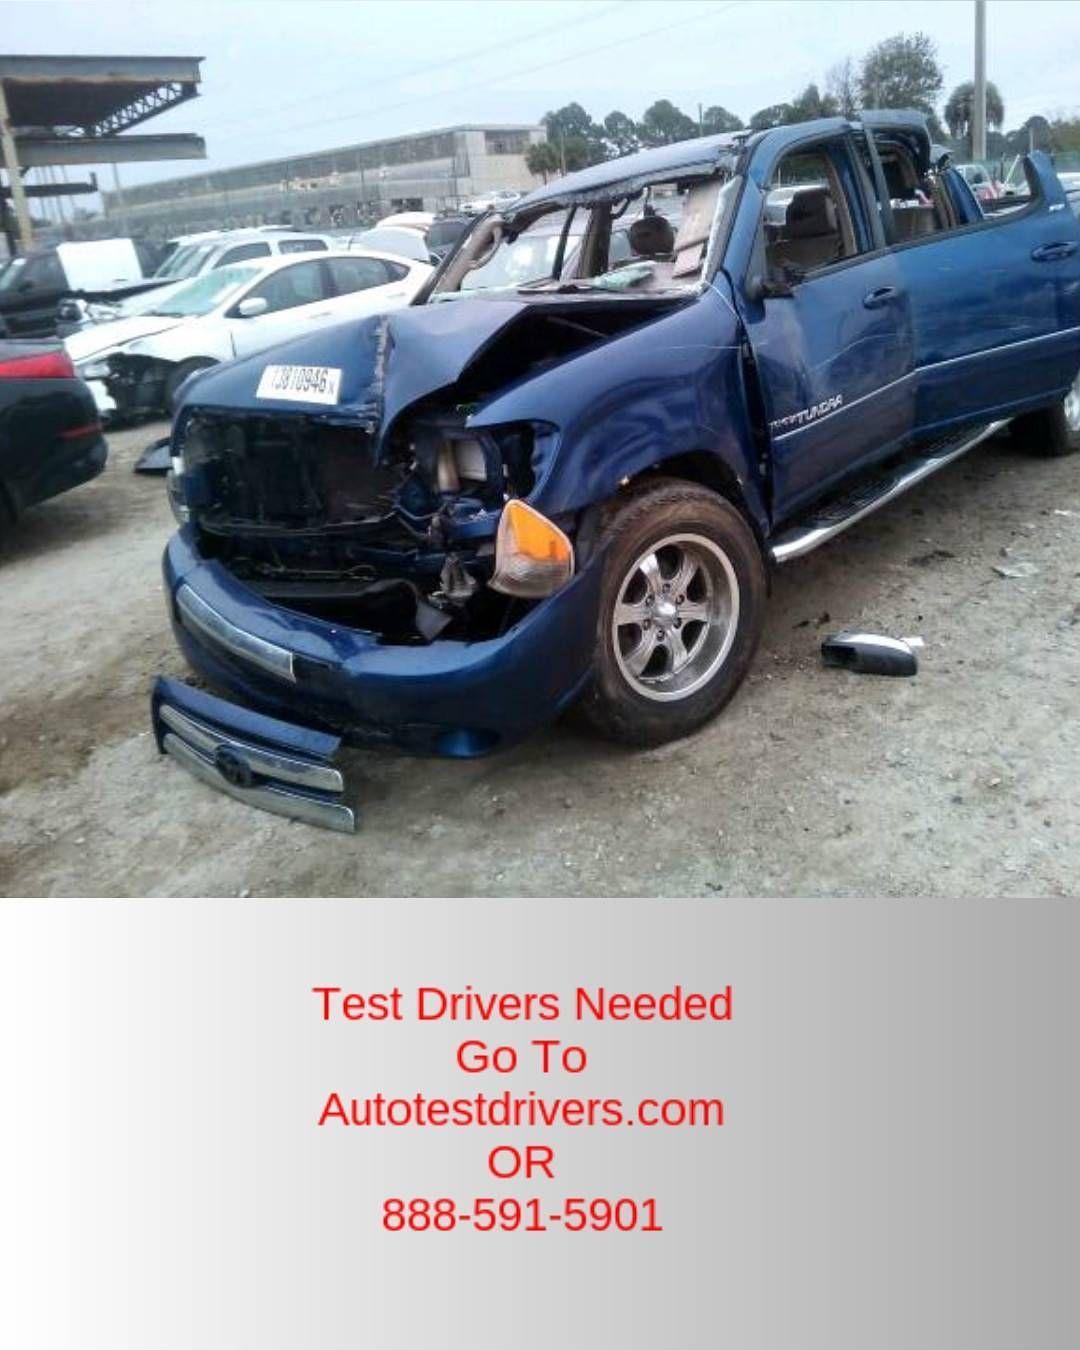 Driving Jobs In Marristown Vt Go To Autotestdrivers Com Or 888 591 5901 Vermont Jobs Cars Autojobs Car Newjob Trucks Driving Jobs Job Hunting New Job